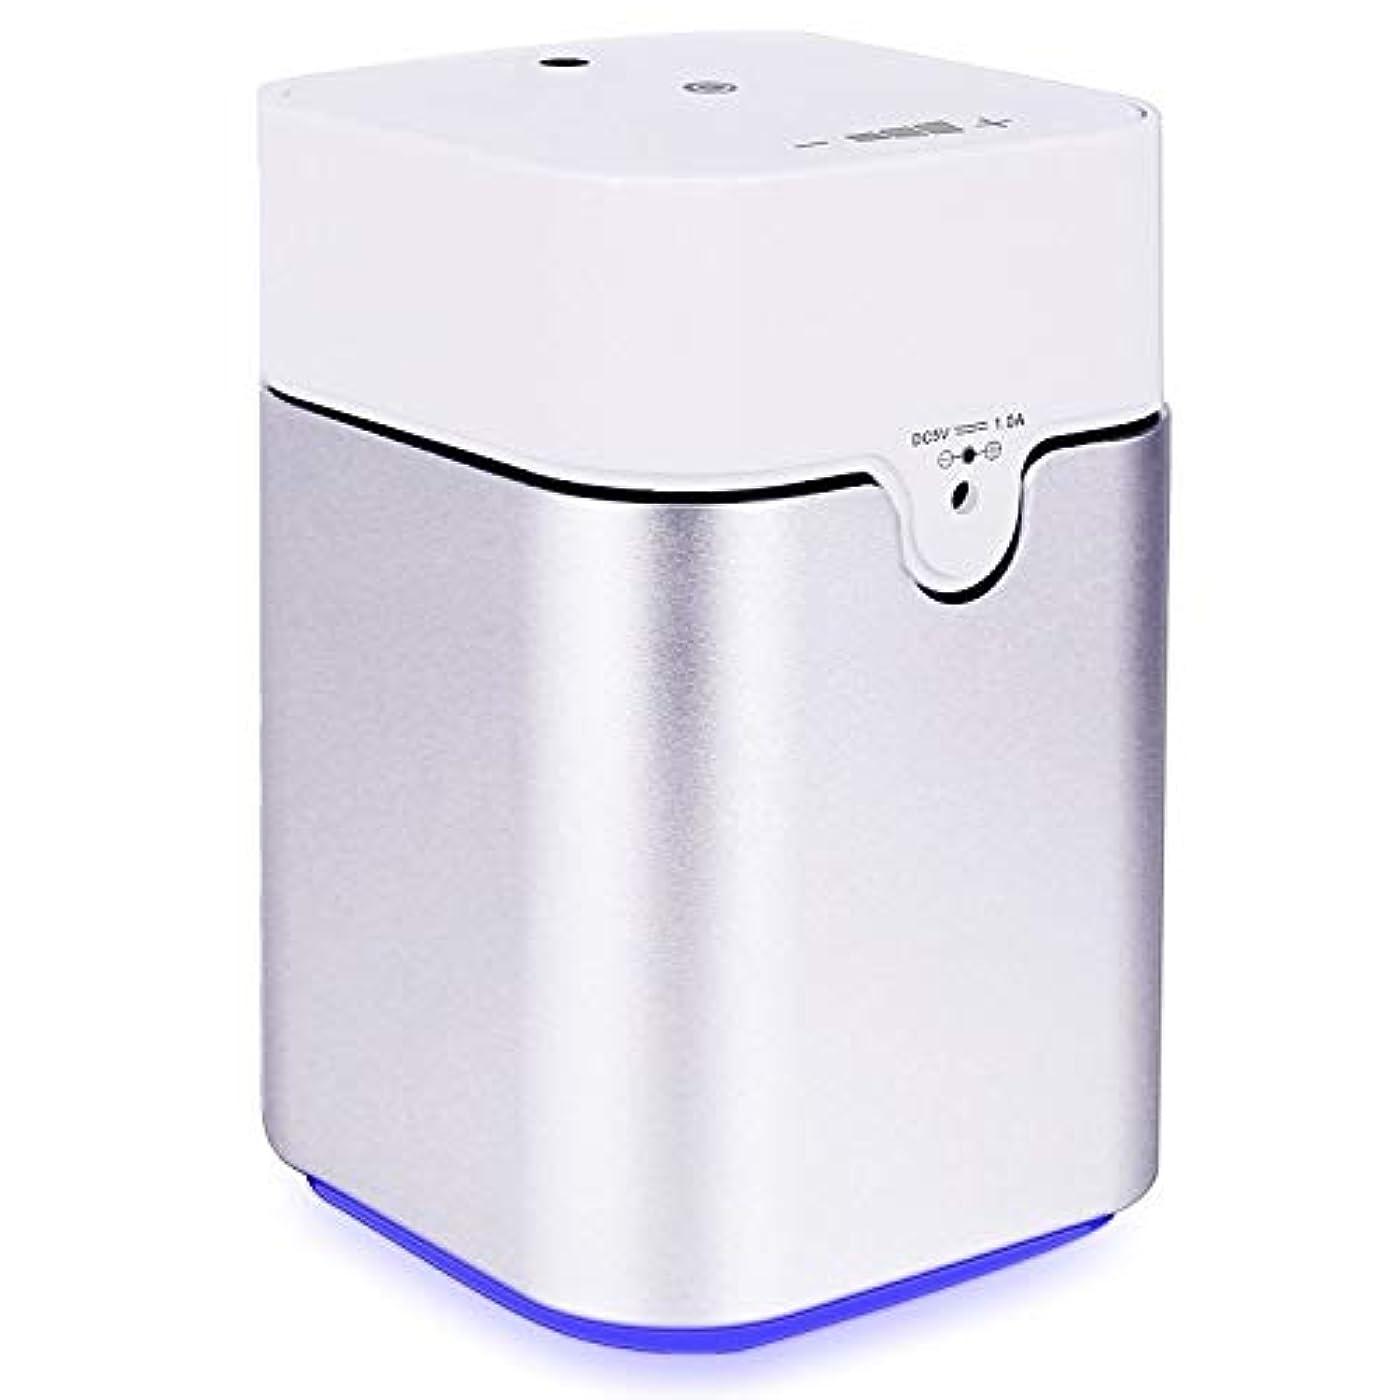 ラダ旅百万ENERG e's Pure アロマディフューザー ヨガ室 整体院人気 タイマー機能 ネブライザー式 量調整可能 精油瓶3個付き T11-ENS082